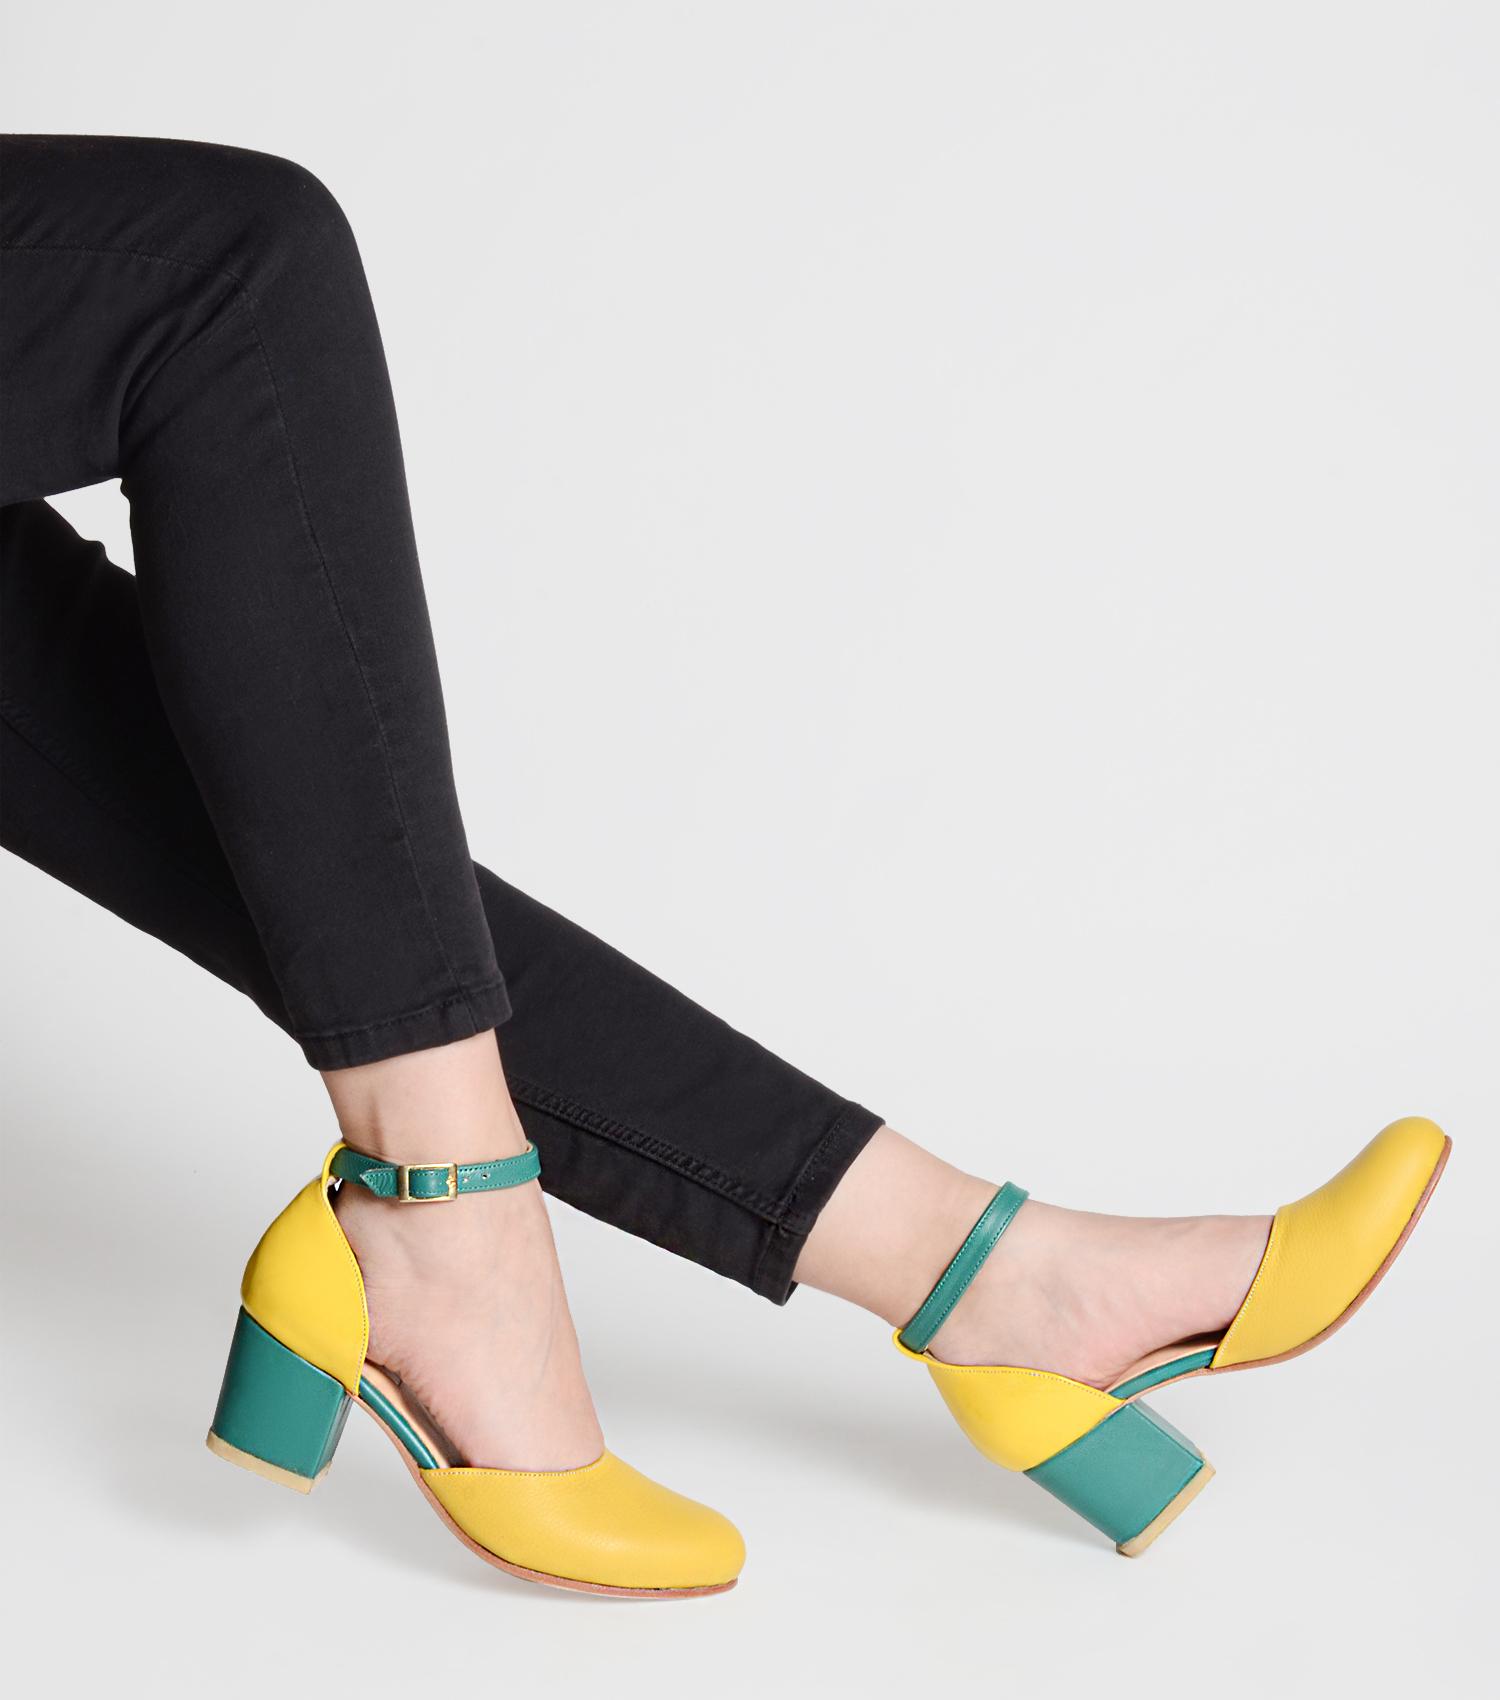 Lupe Amarillo/verde